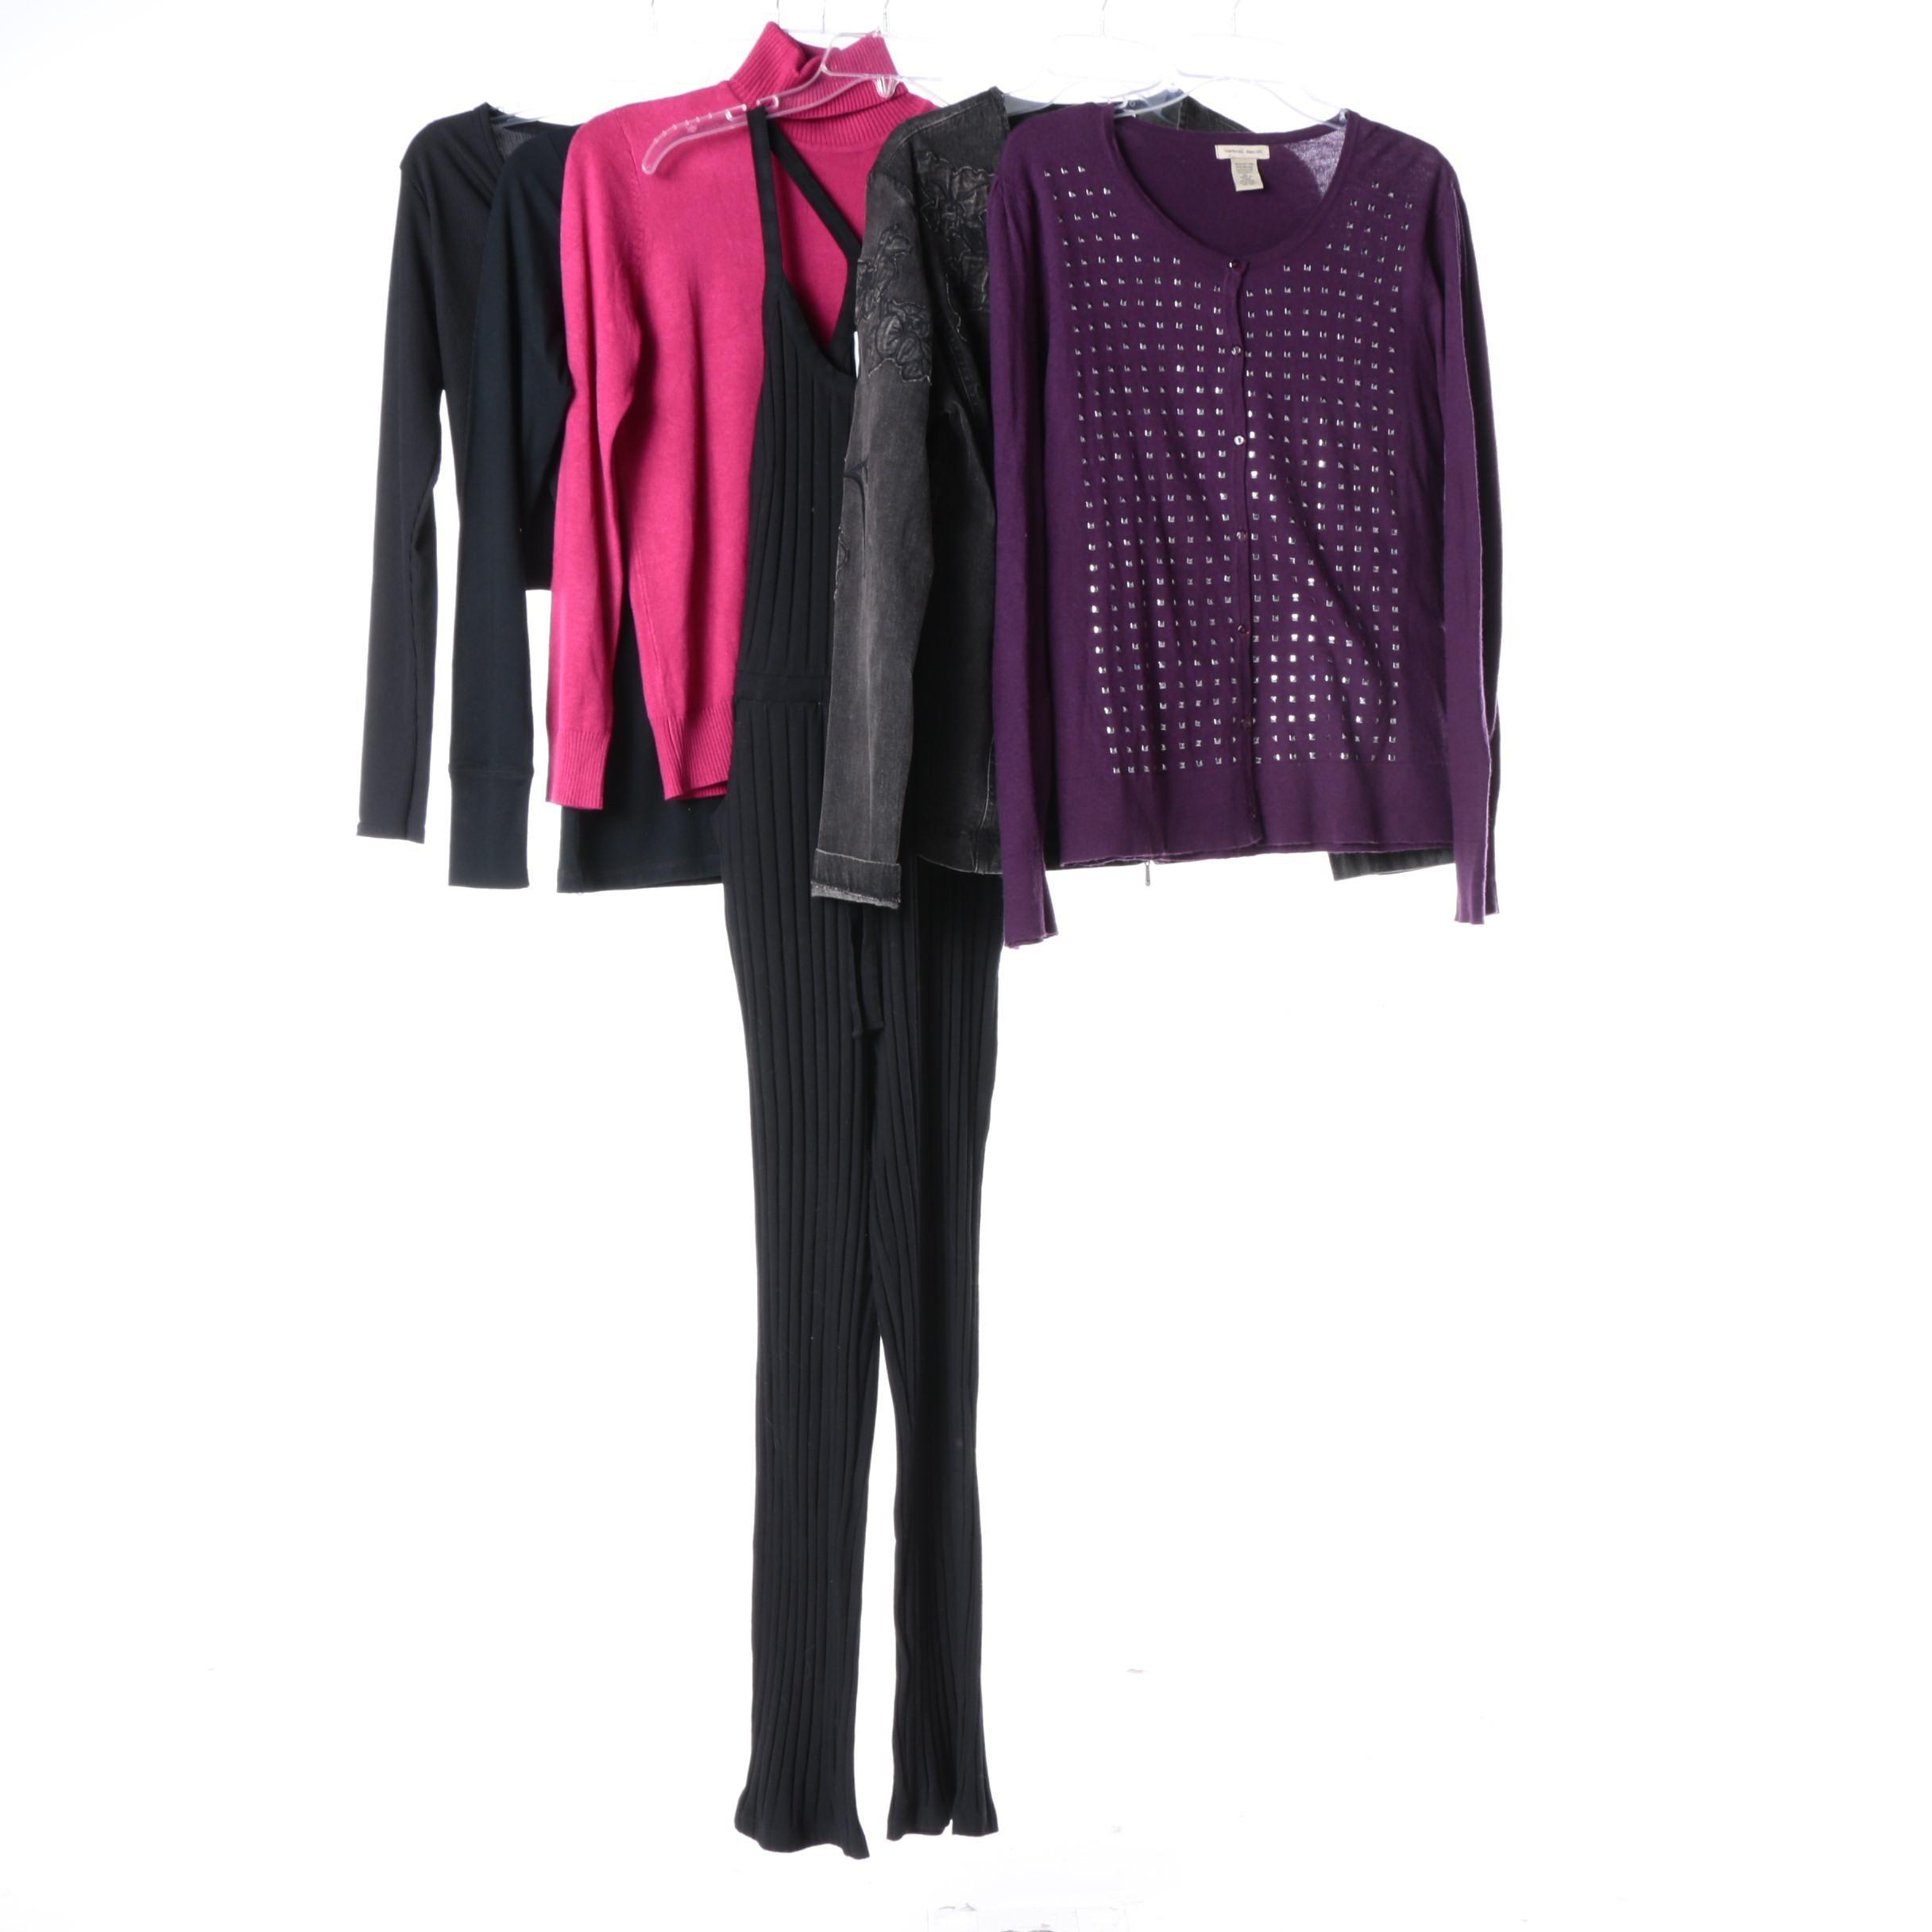 Women's Clothing Including Dana Buchman